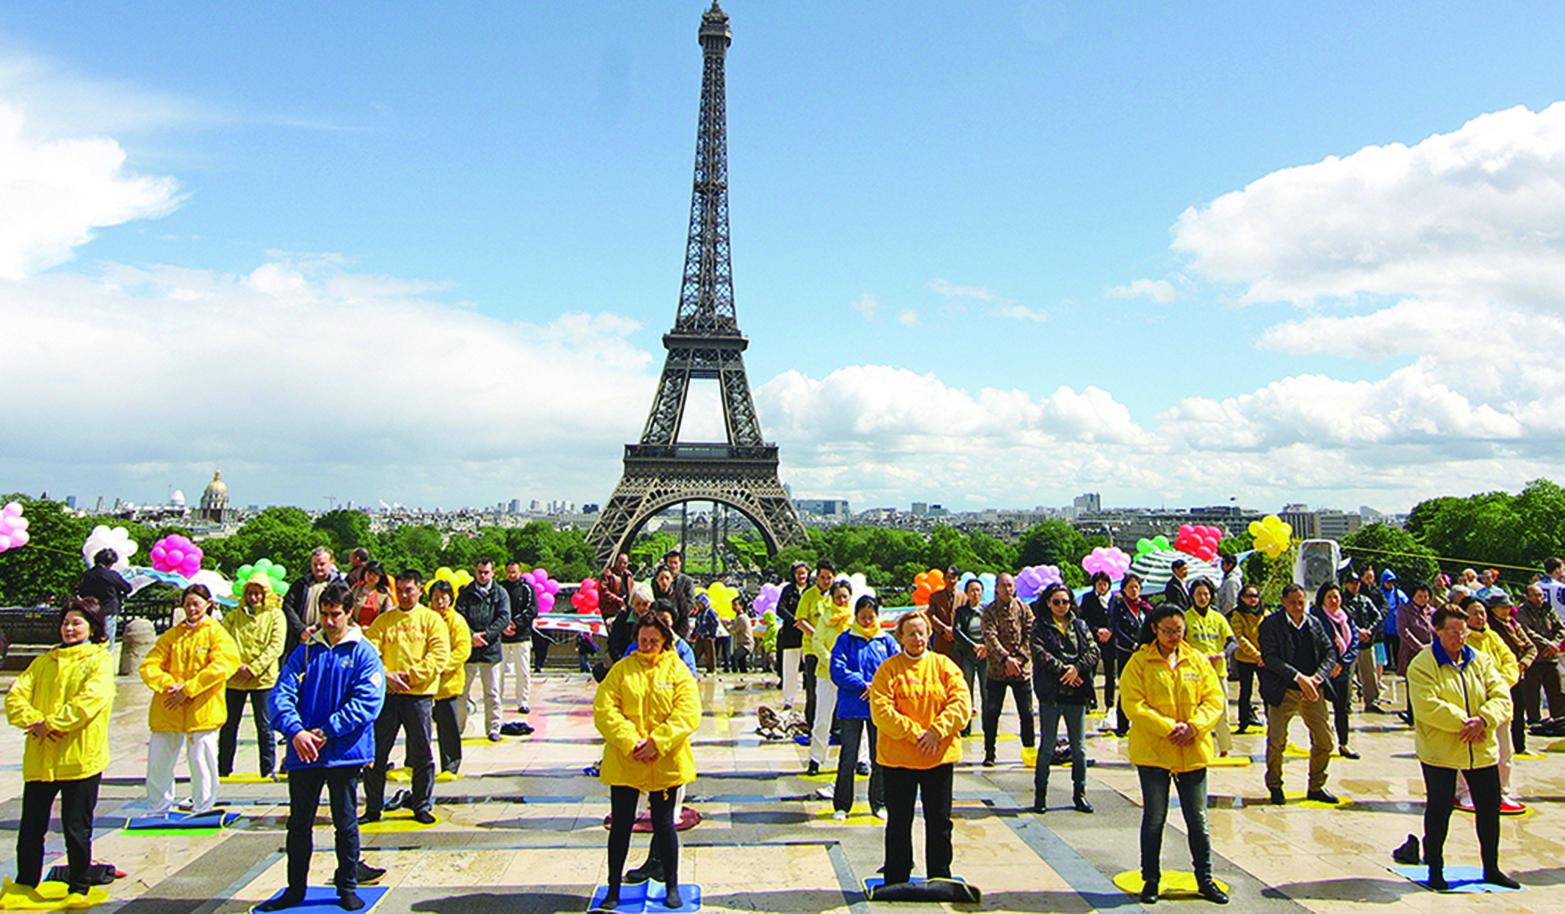 法輪大法在法國 洪傳22載紀實